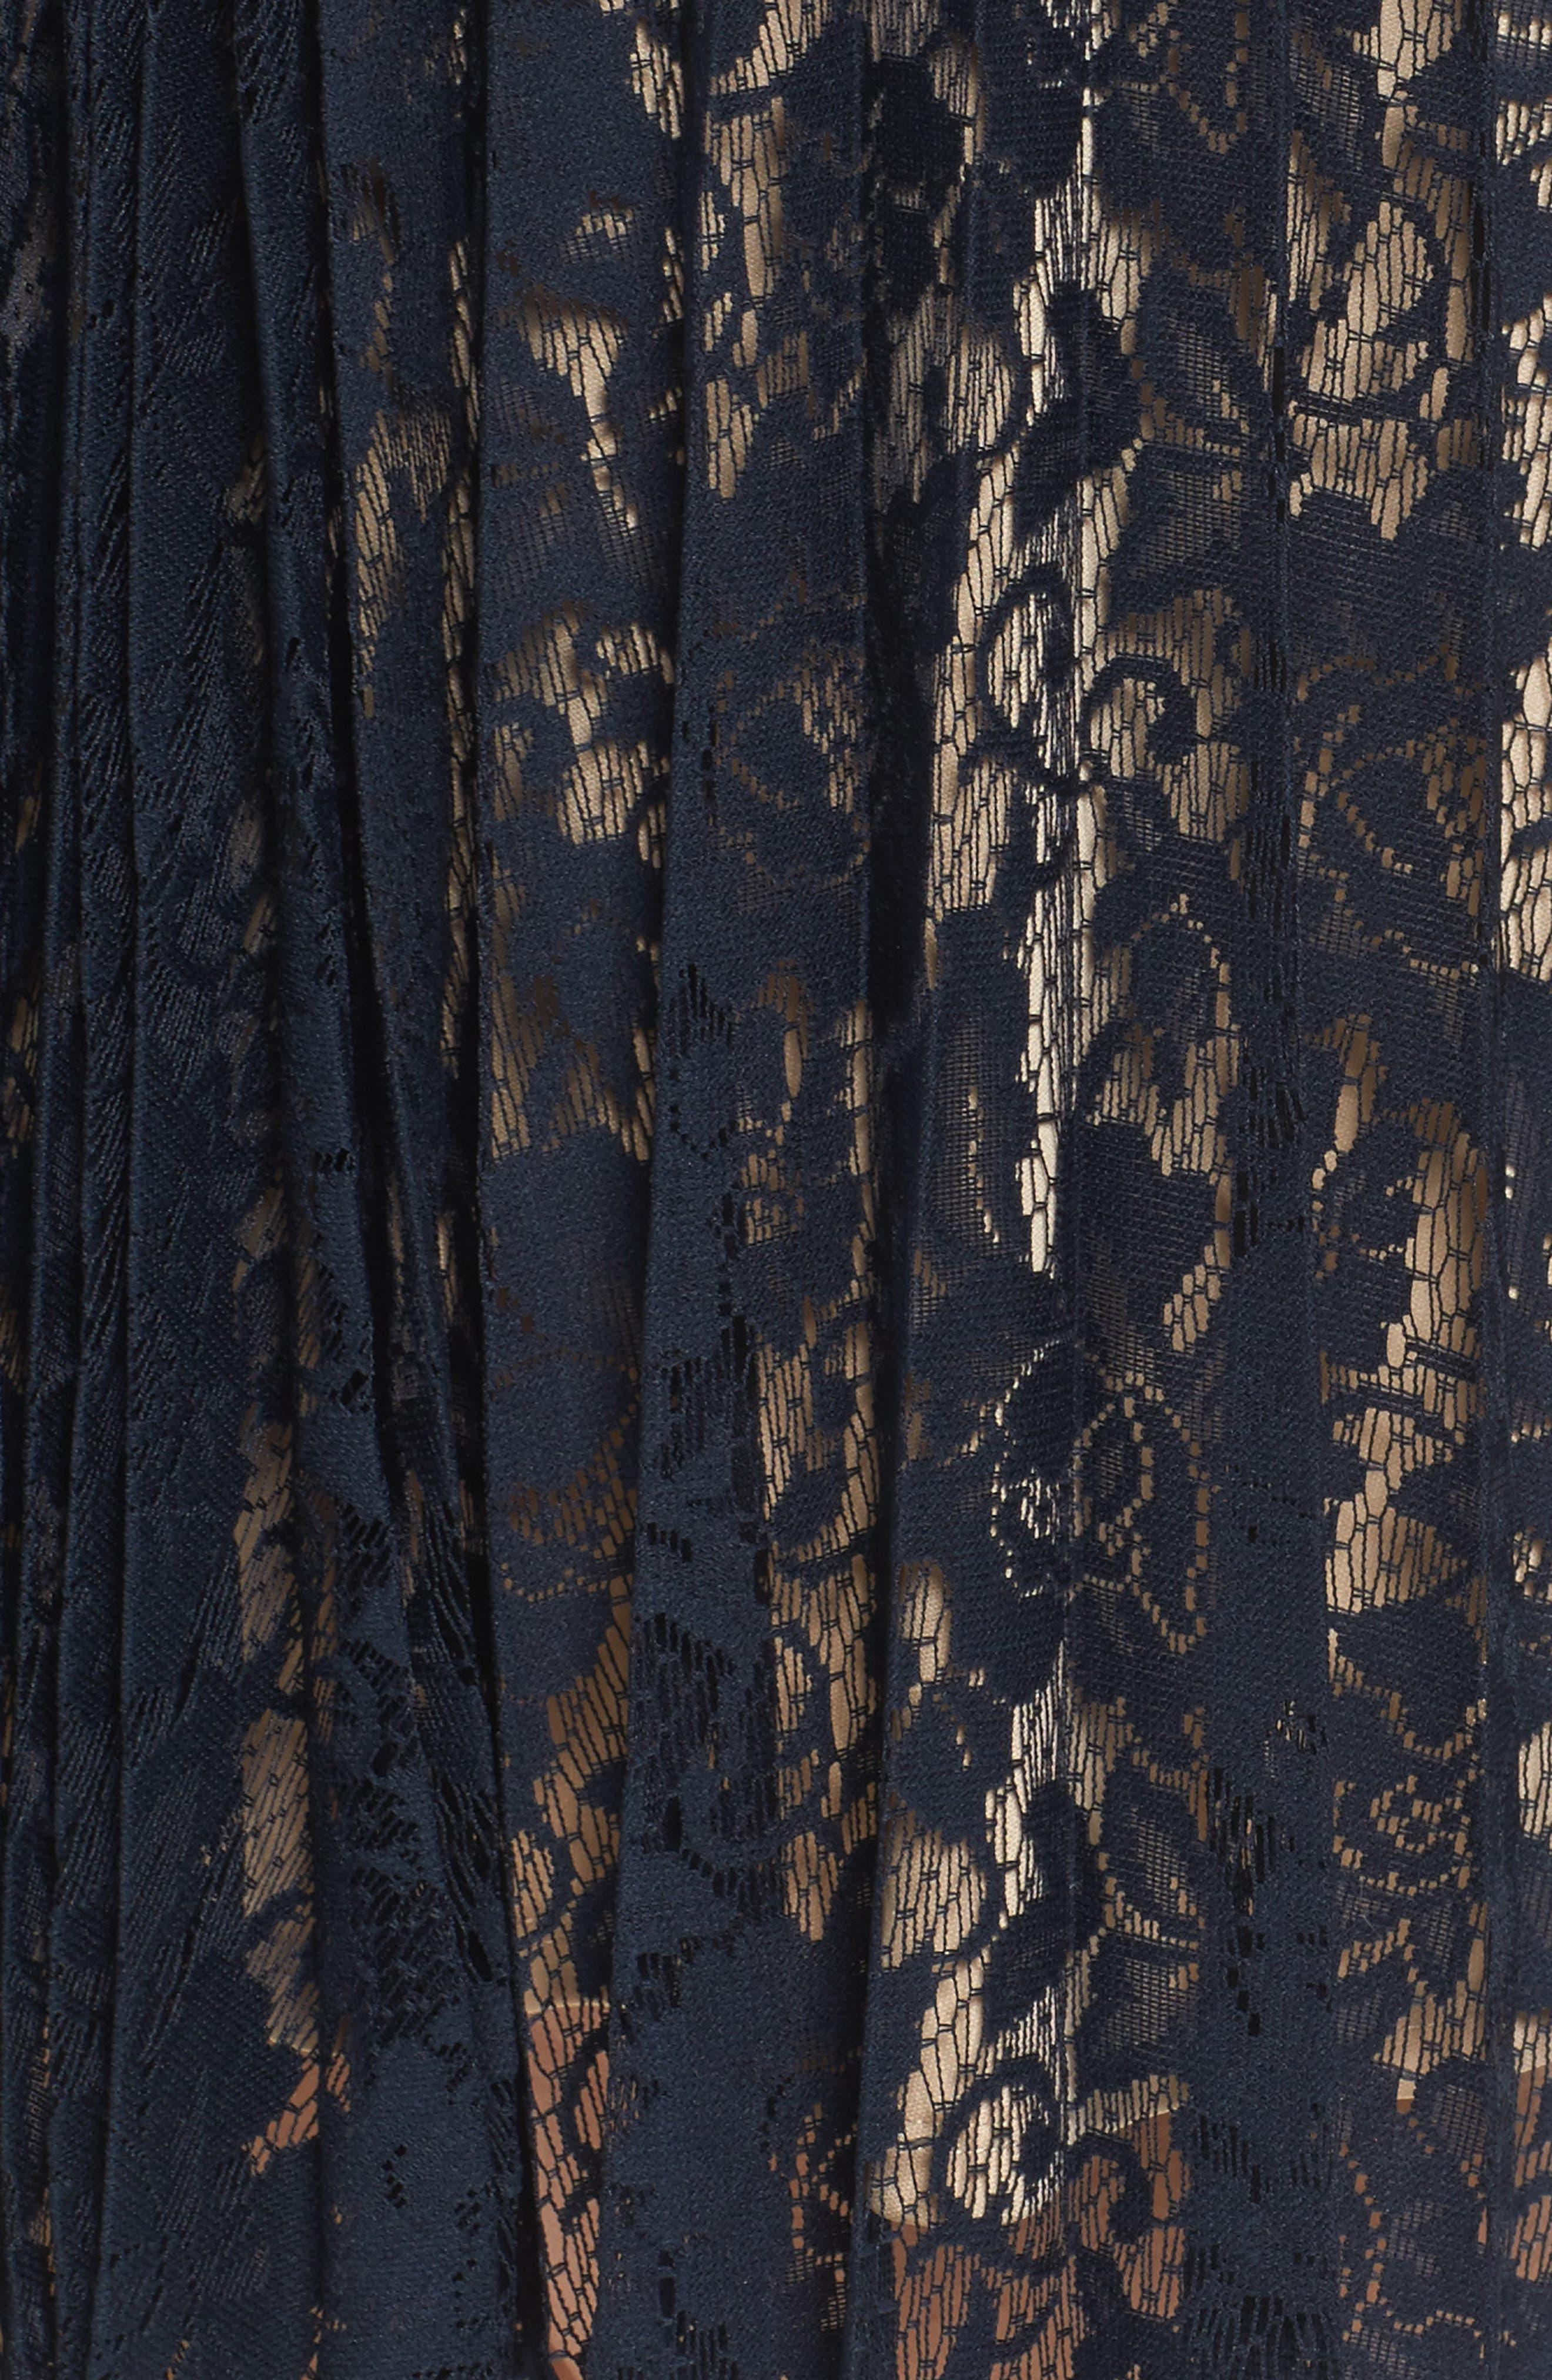 Illusion Lace Pleat Midi Dress,                             Alternate thumbnail 5, color,                             410